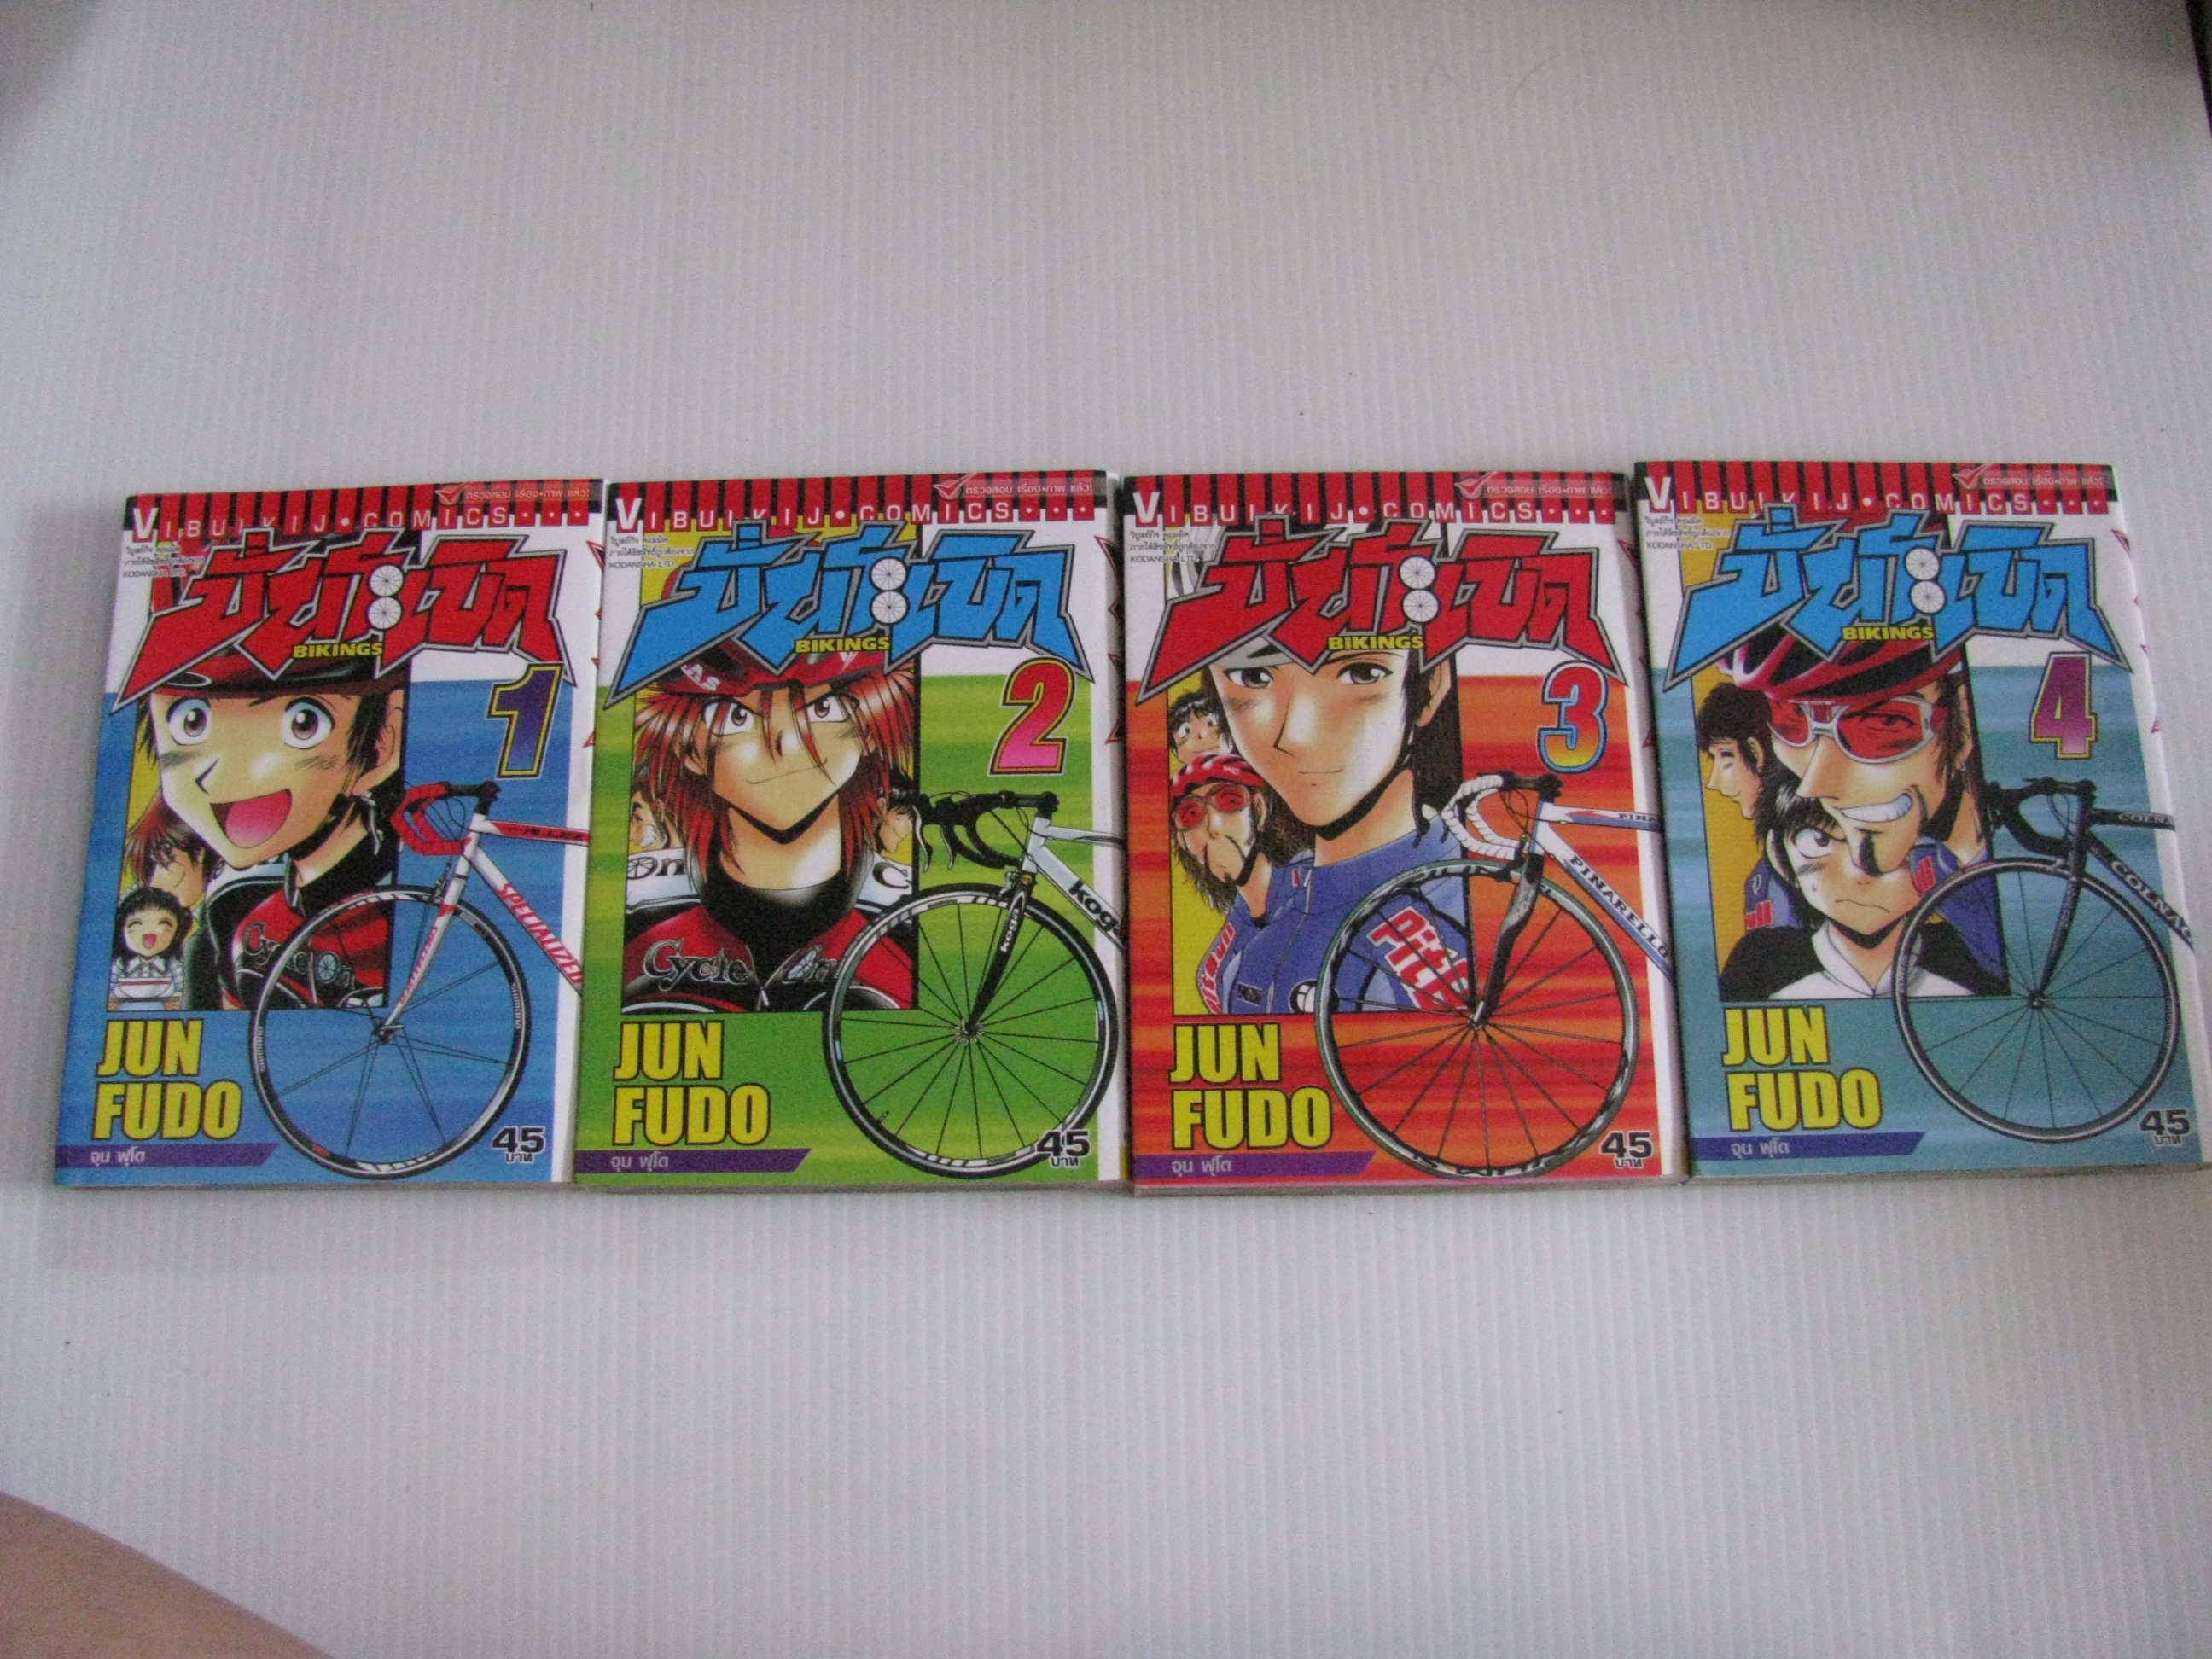 ปั่นระเบิด BIKINGS ชุด เล่ม 1-4 (ชุดนี้มี 8 เล่มจบ) จุน ฟุโด เขียน